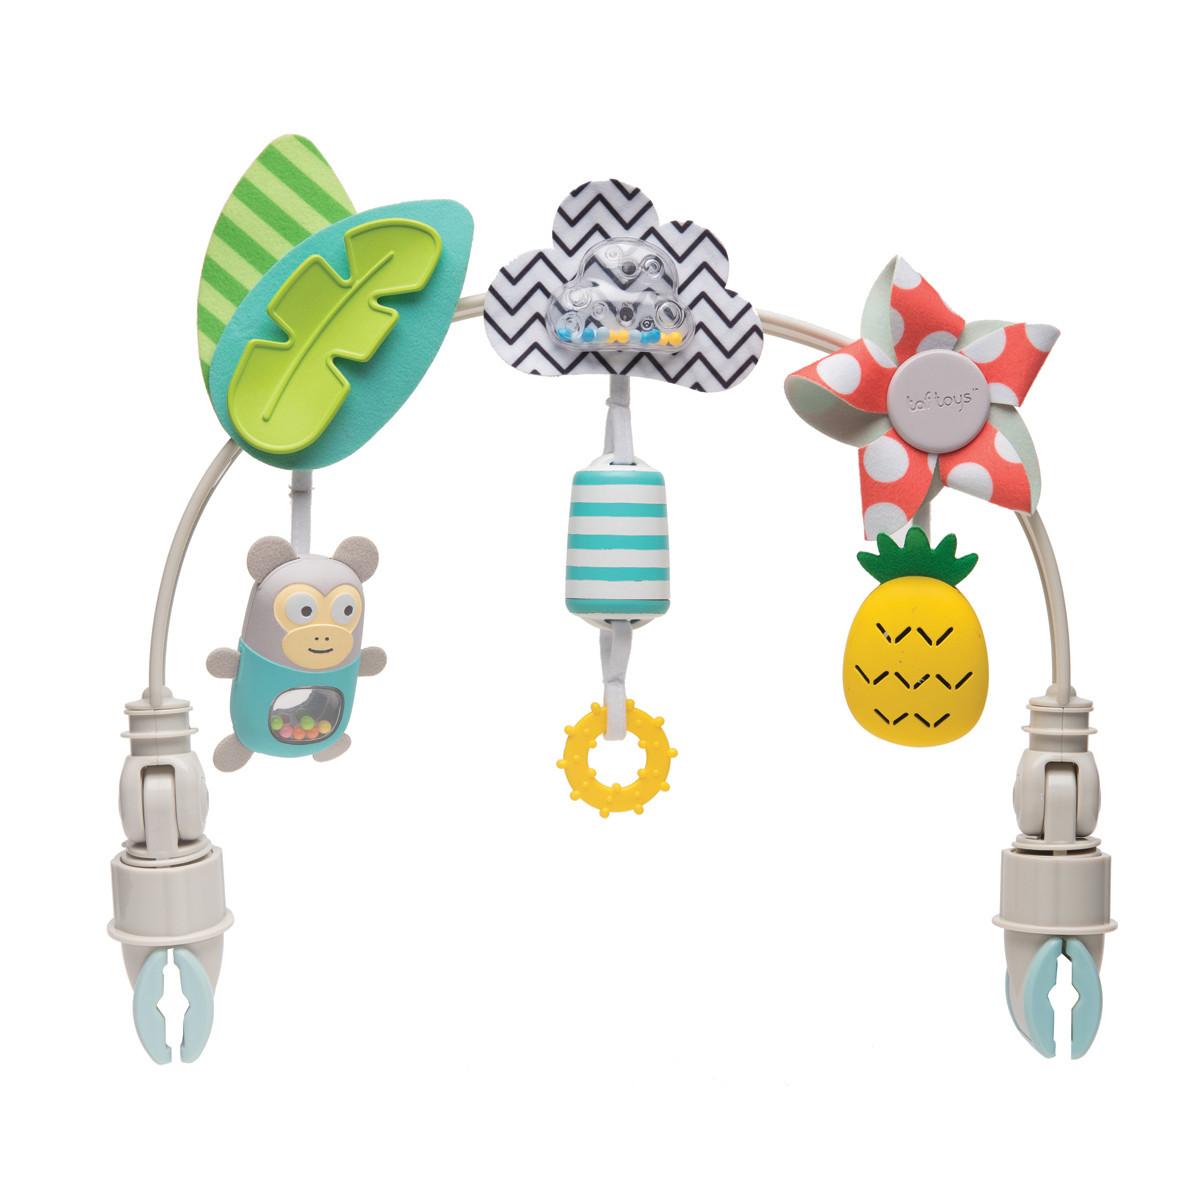 Дугу на коляску Тропічний оркестр Taf Toys